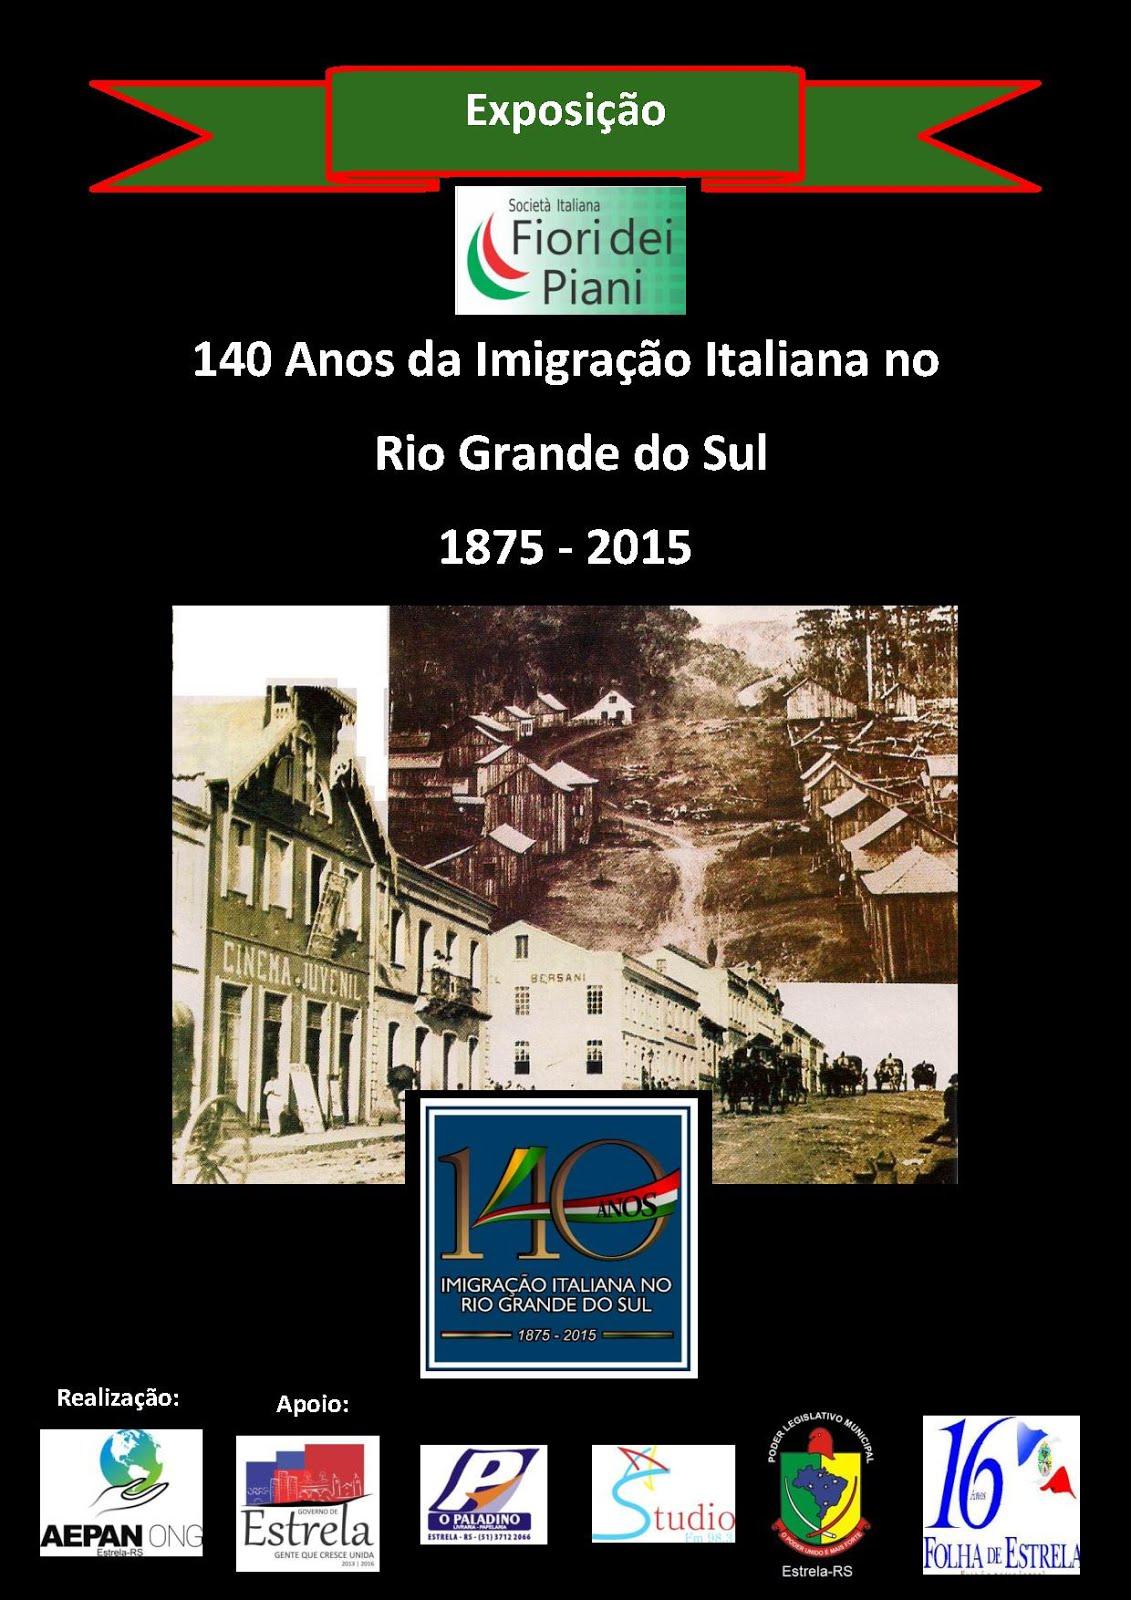 Exposição - 140 Anos da Imigração Italiana no RS